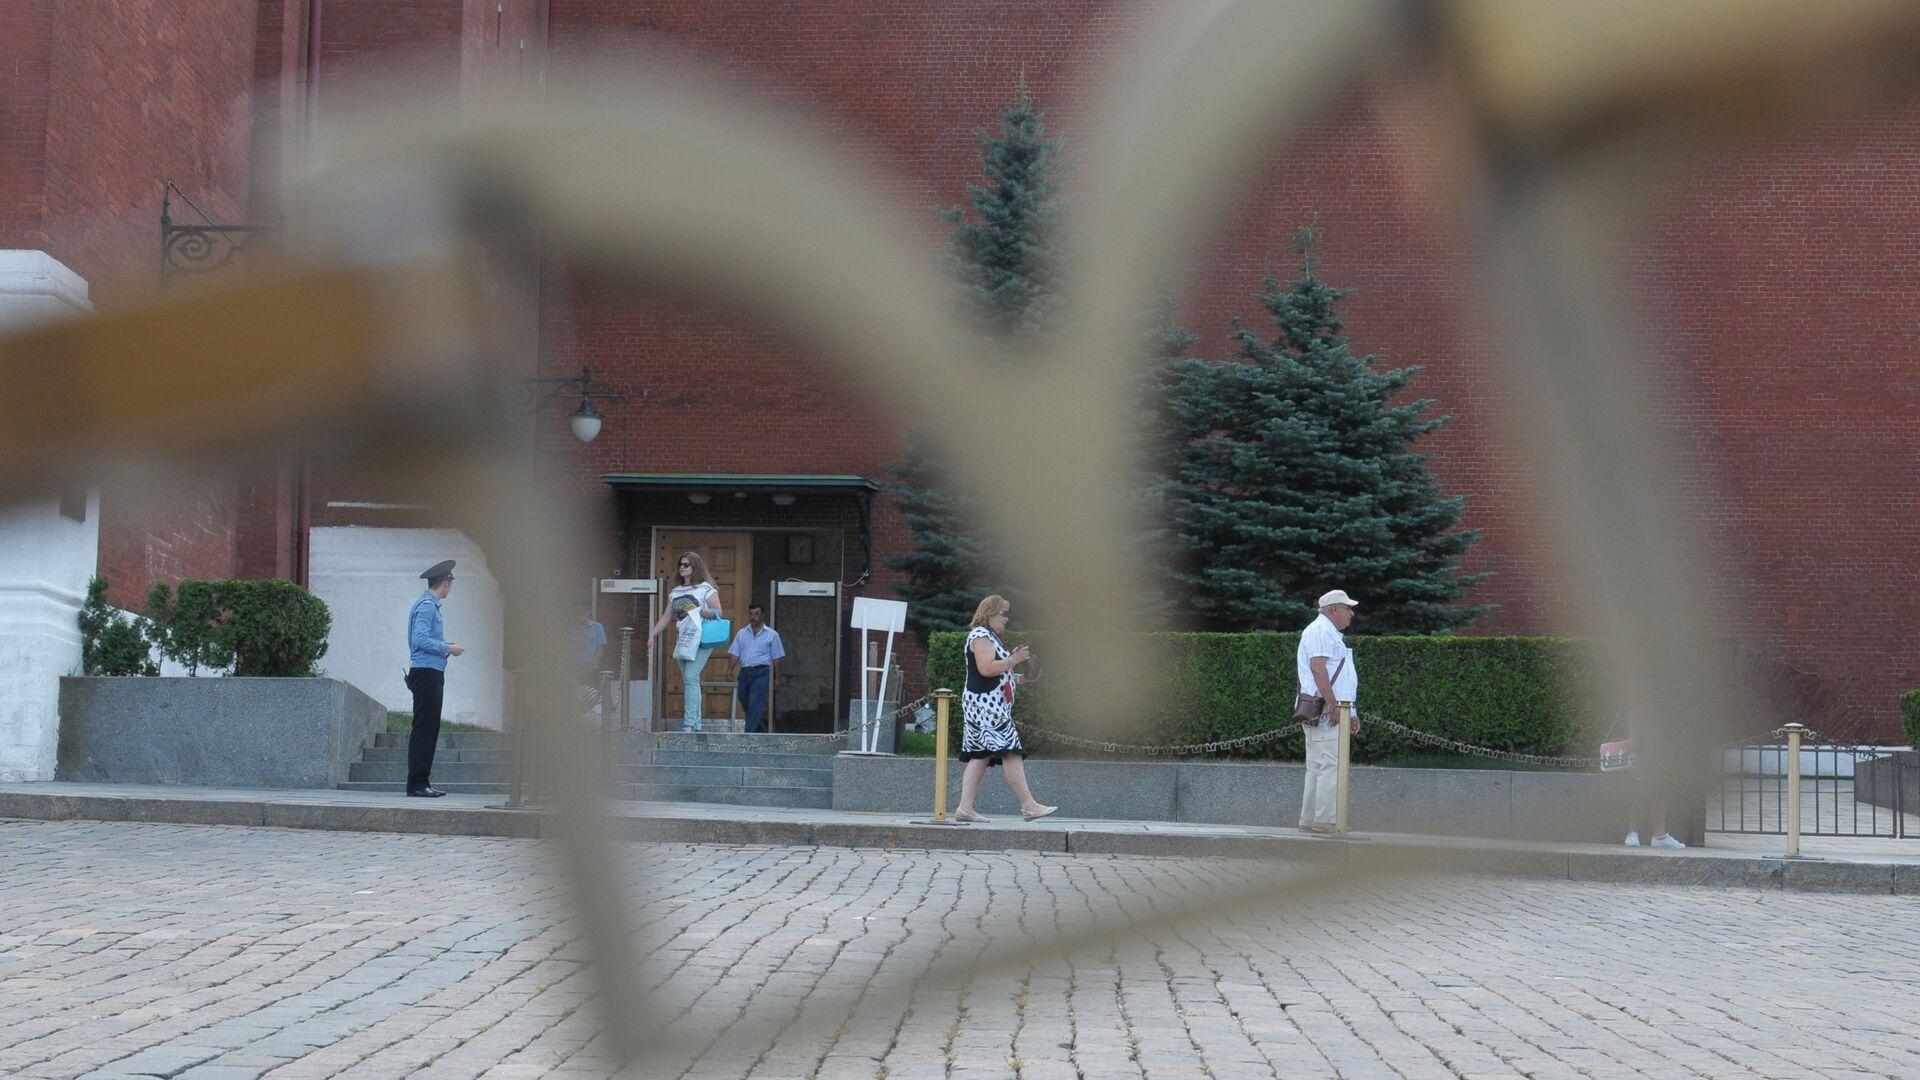 Посетители у прохода рядом с воротами Спасской башни на територию Московского Кремля - РИА Новости, 1920, 28.09.2020